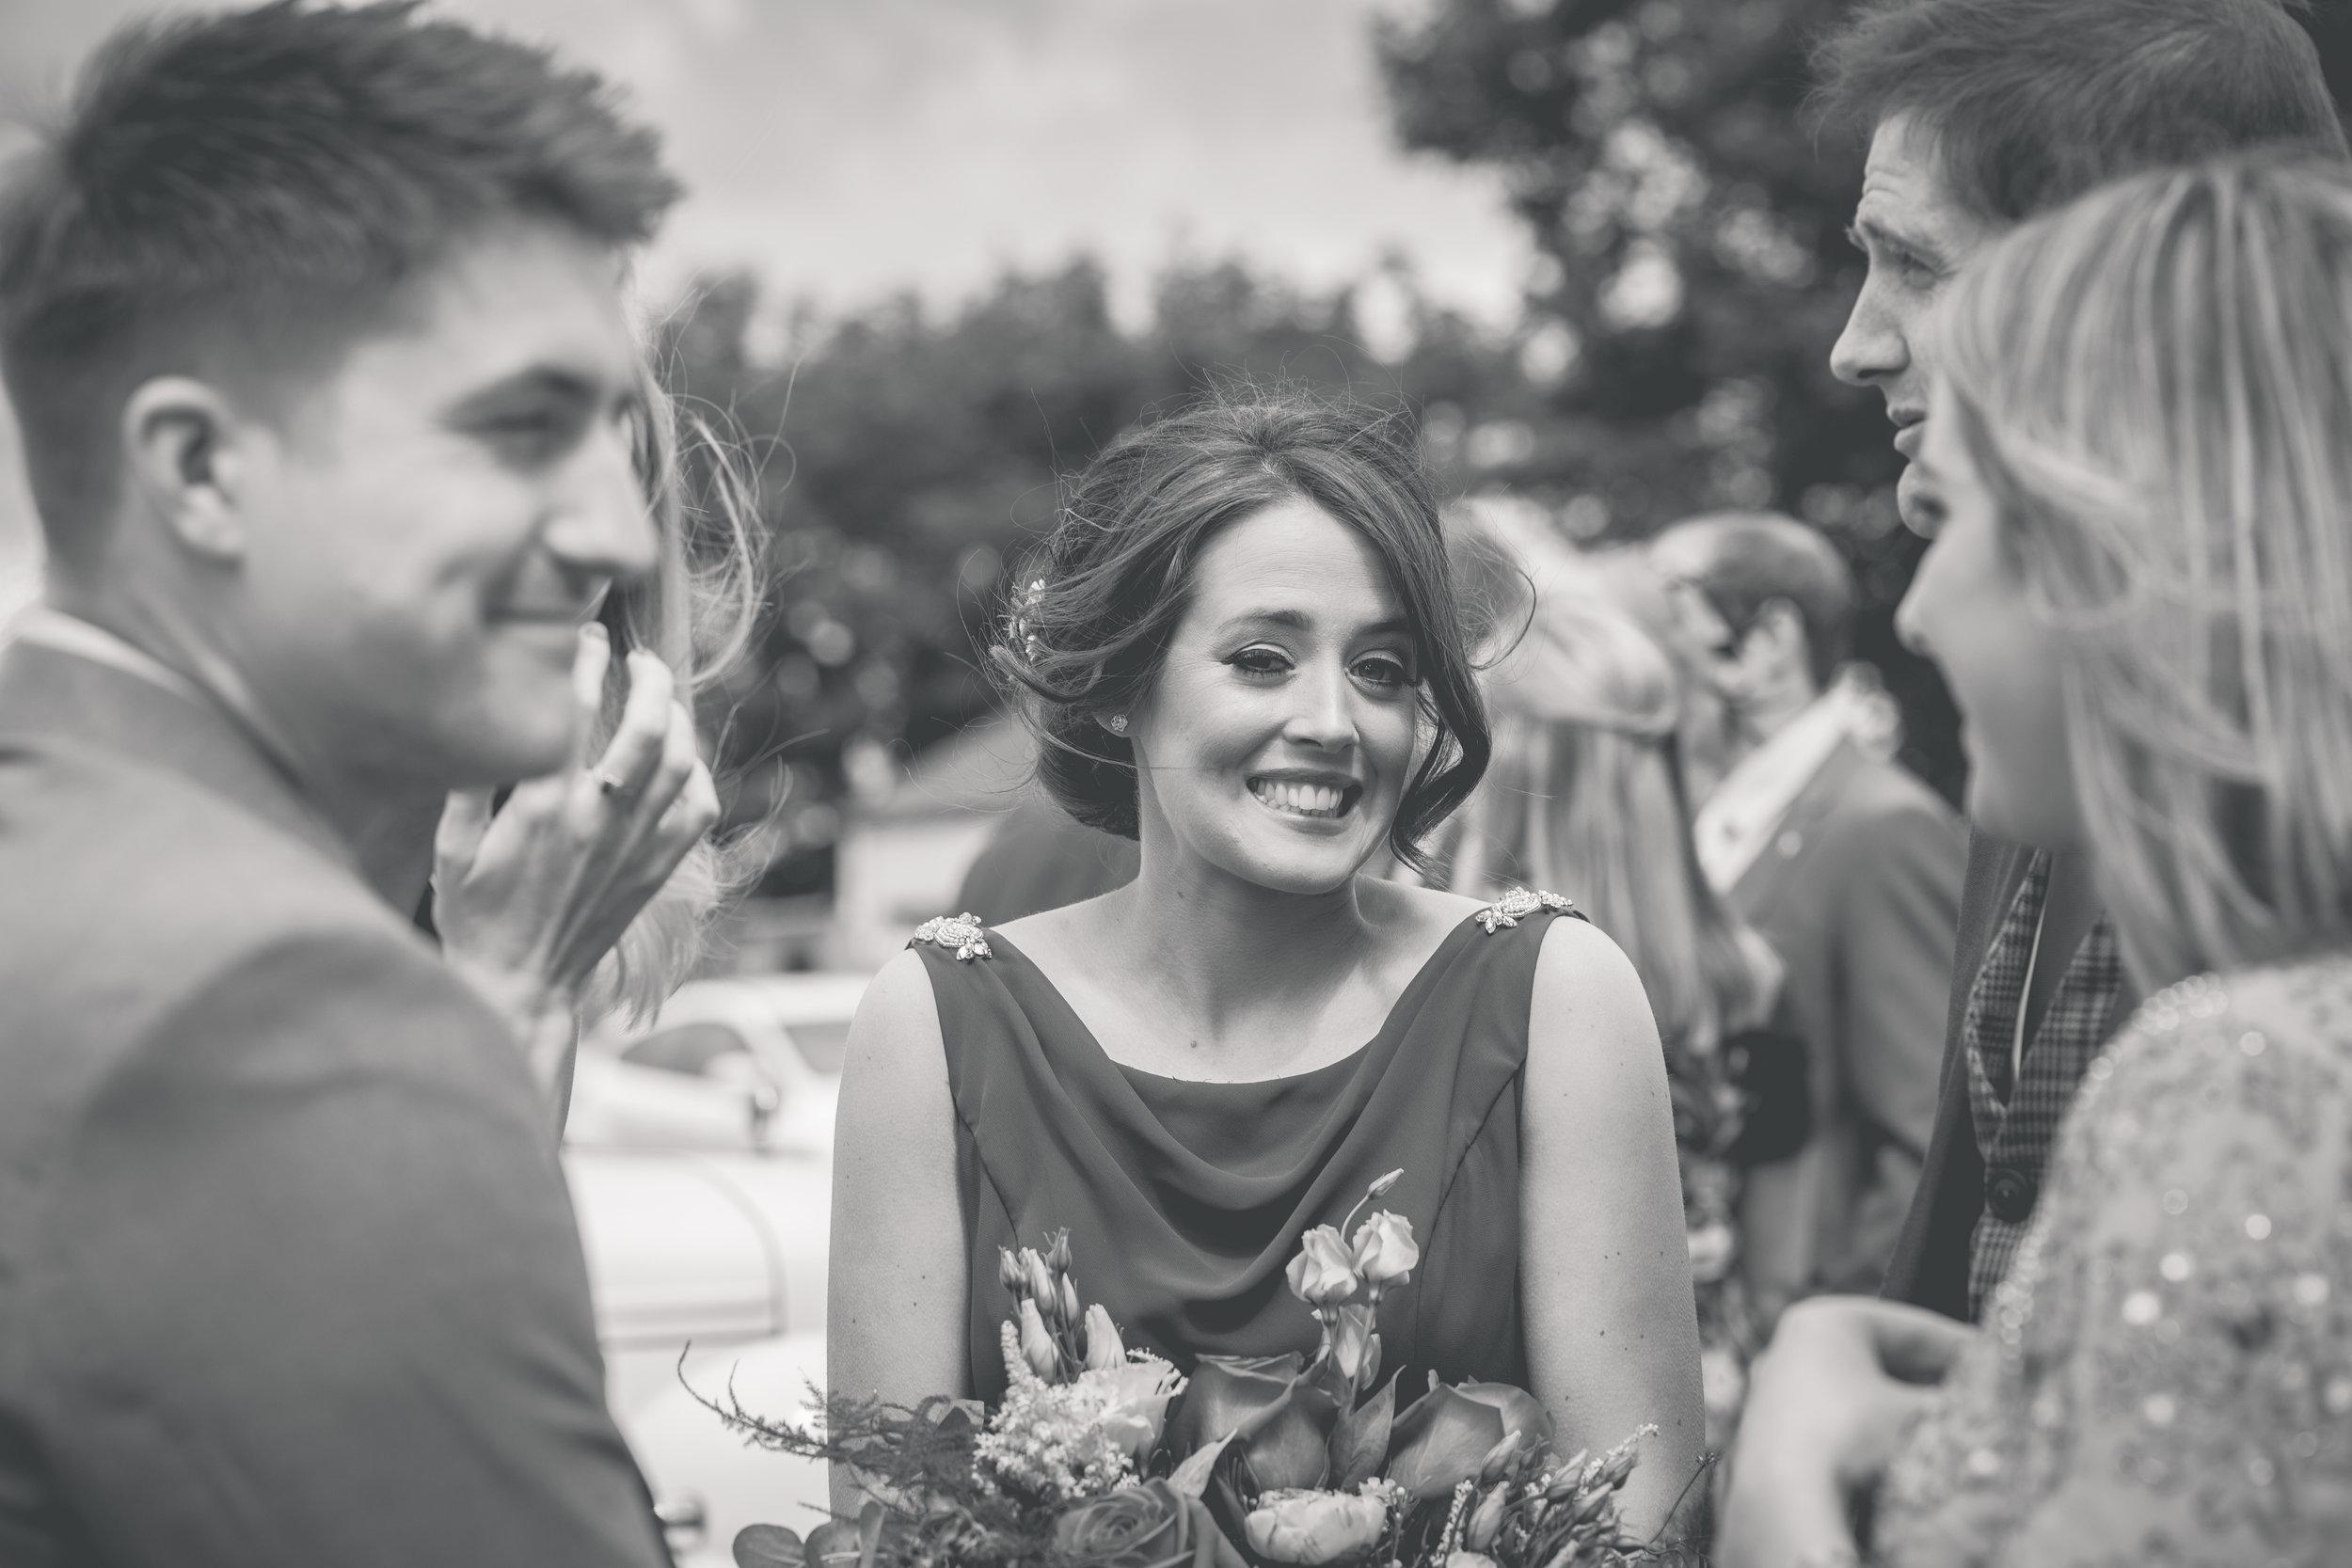 Brian McEwan Wedding Photography   Carol-Anne & Sean   The Ceremony-147.jpg